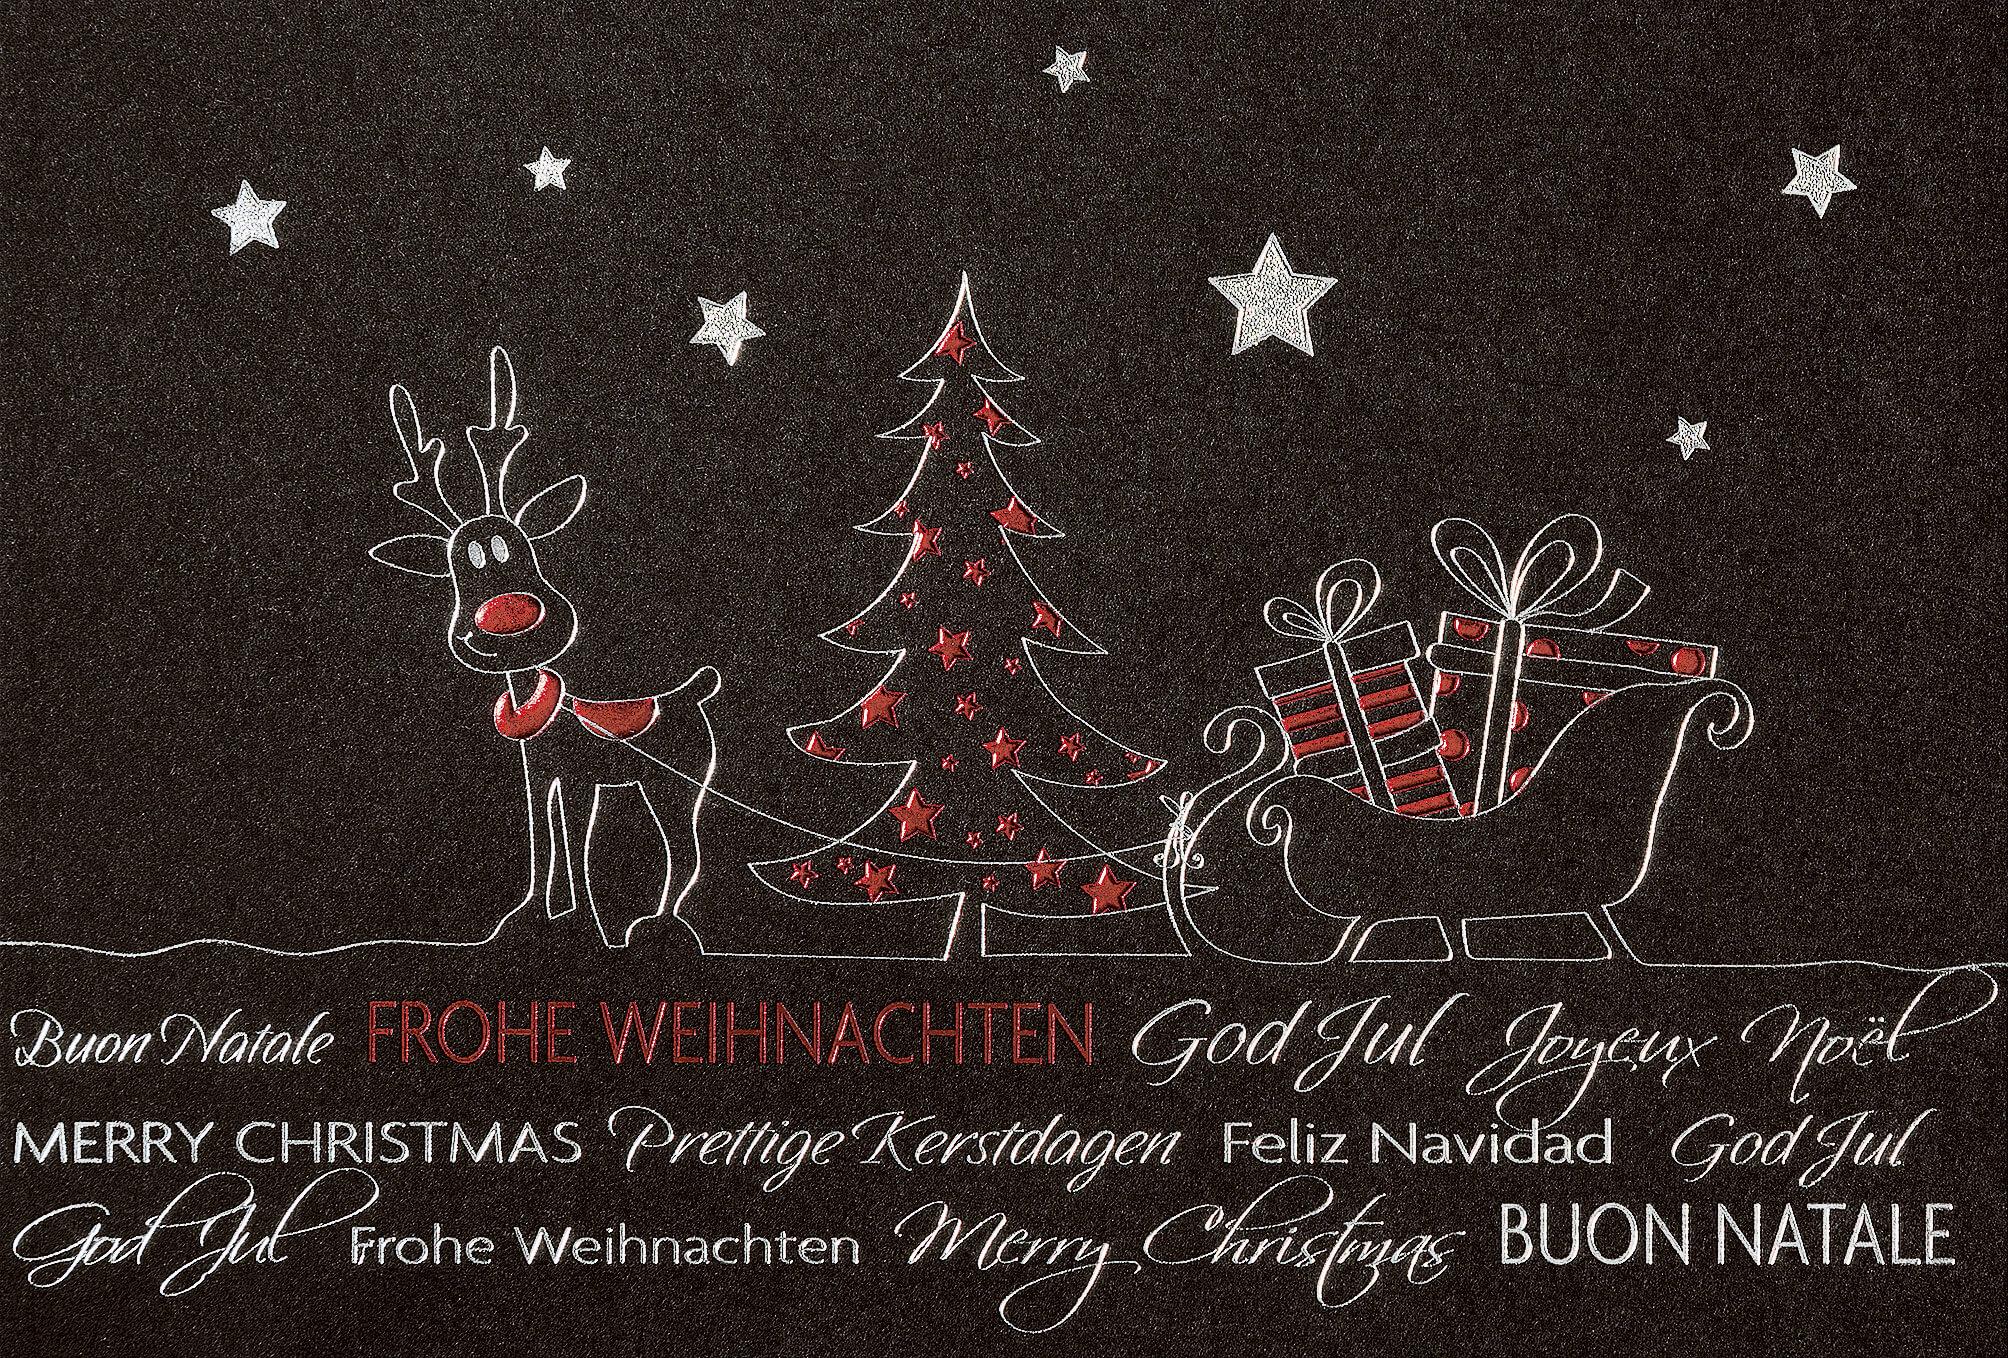 lustige weihnachtskarte schwarz mehrsprachig mit rentier. Black Bedroom Furniture Sets. Home Design Ideas